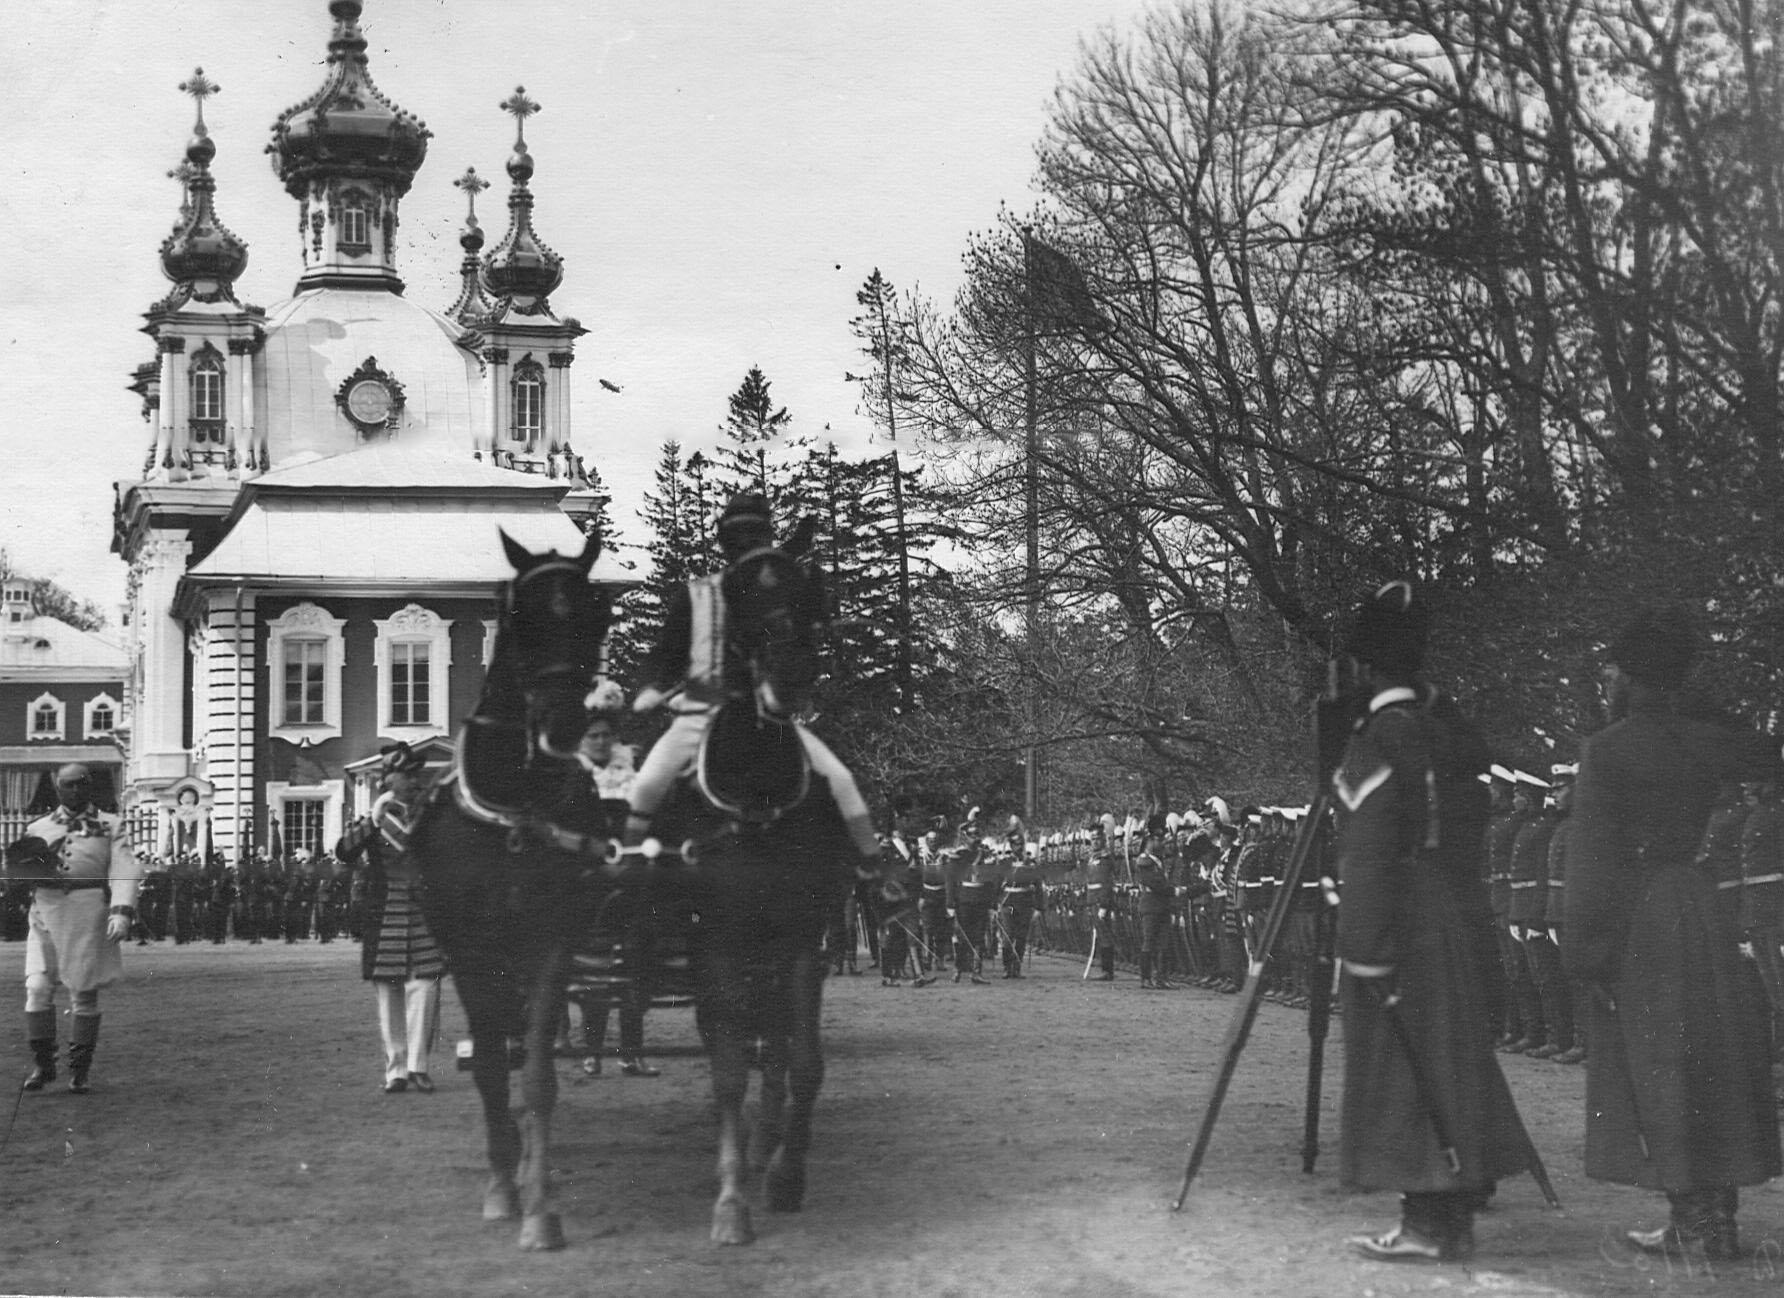 Прибытие шефа полка императрицы Александры Федоровны на полковой праздник